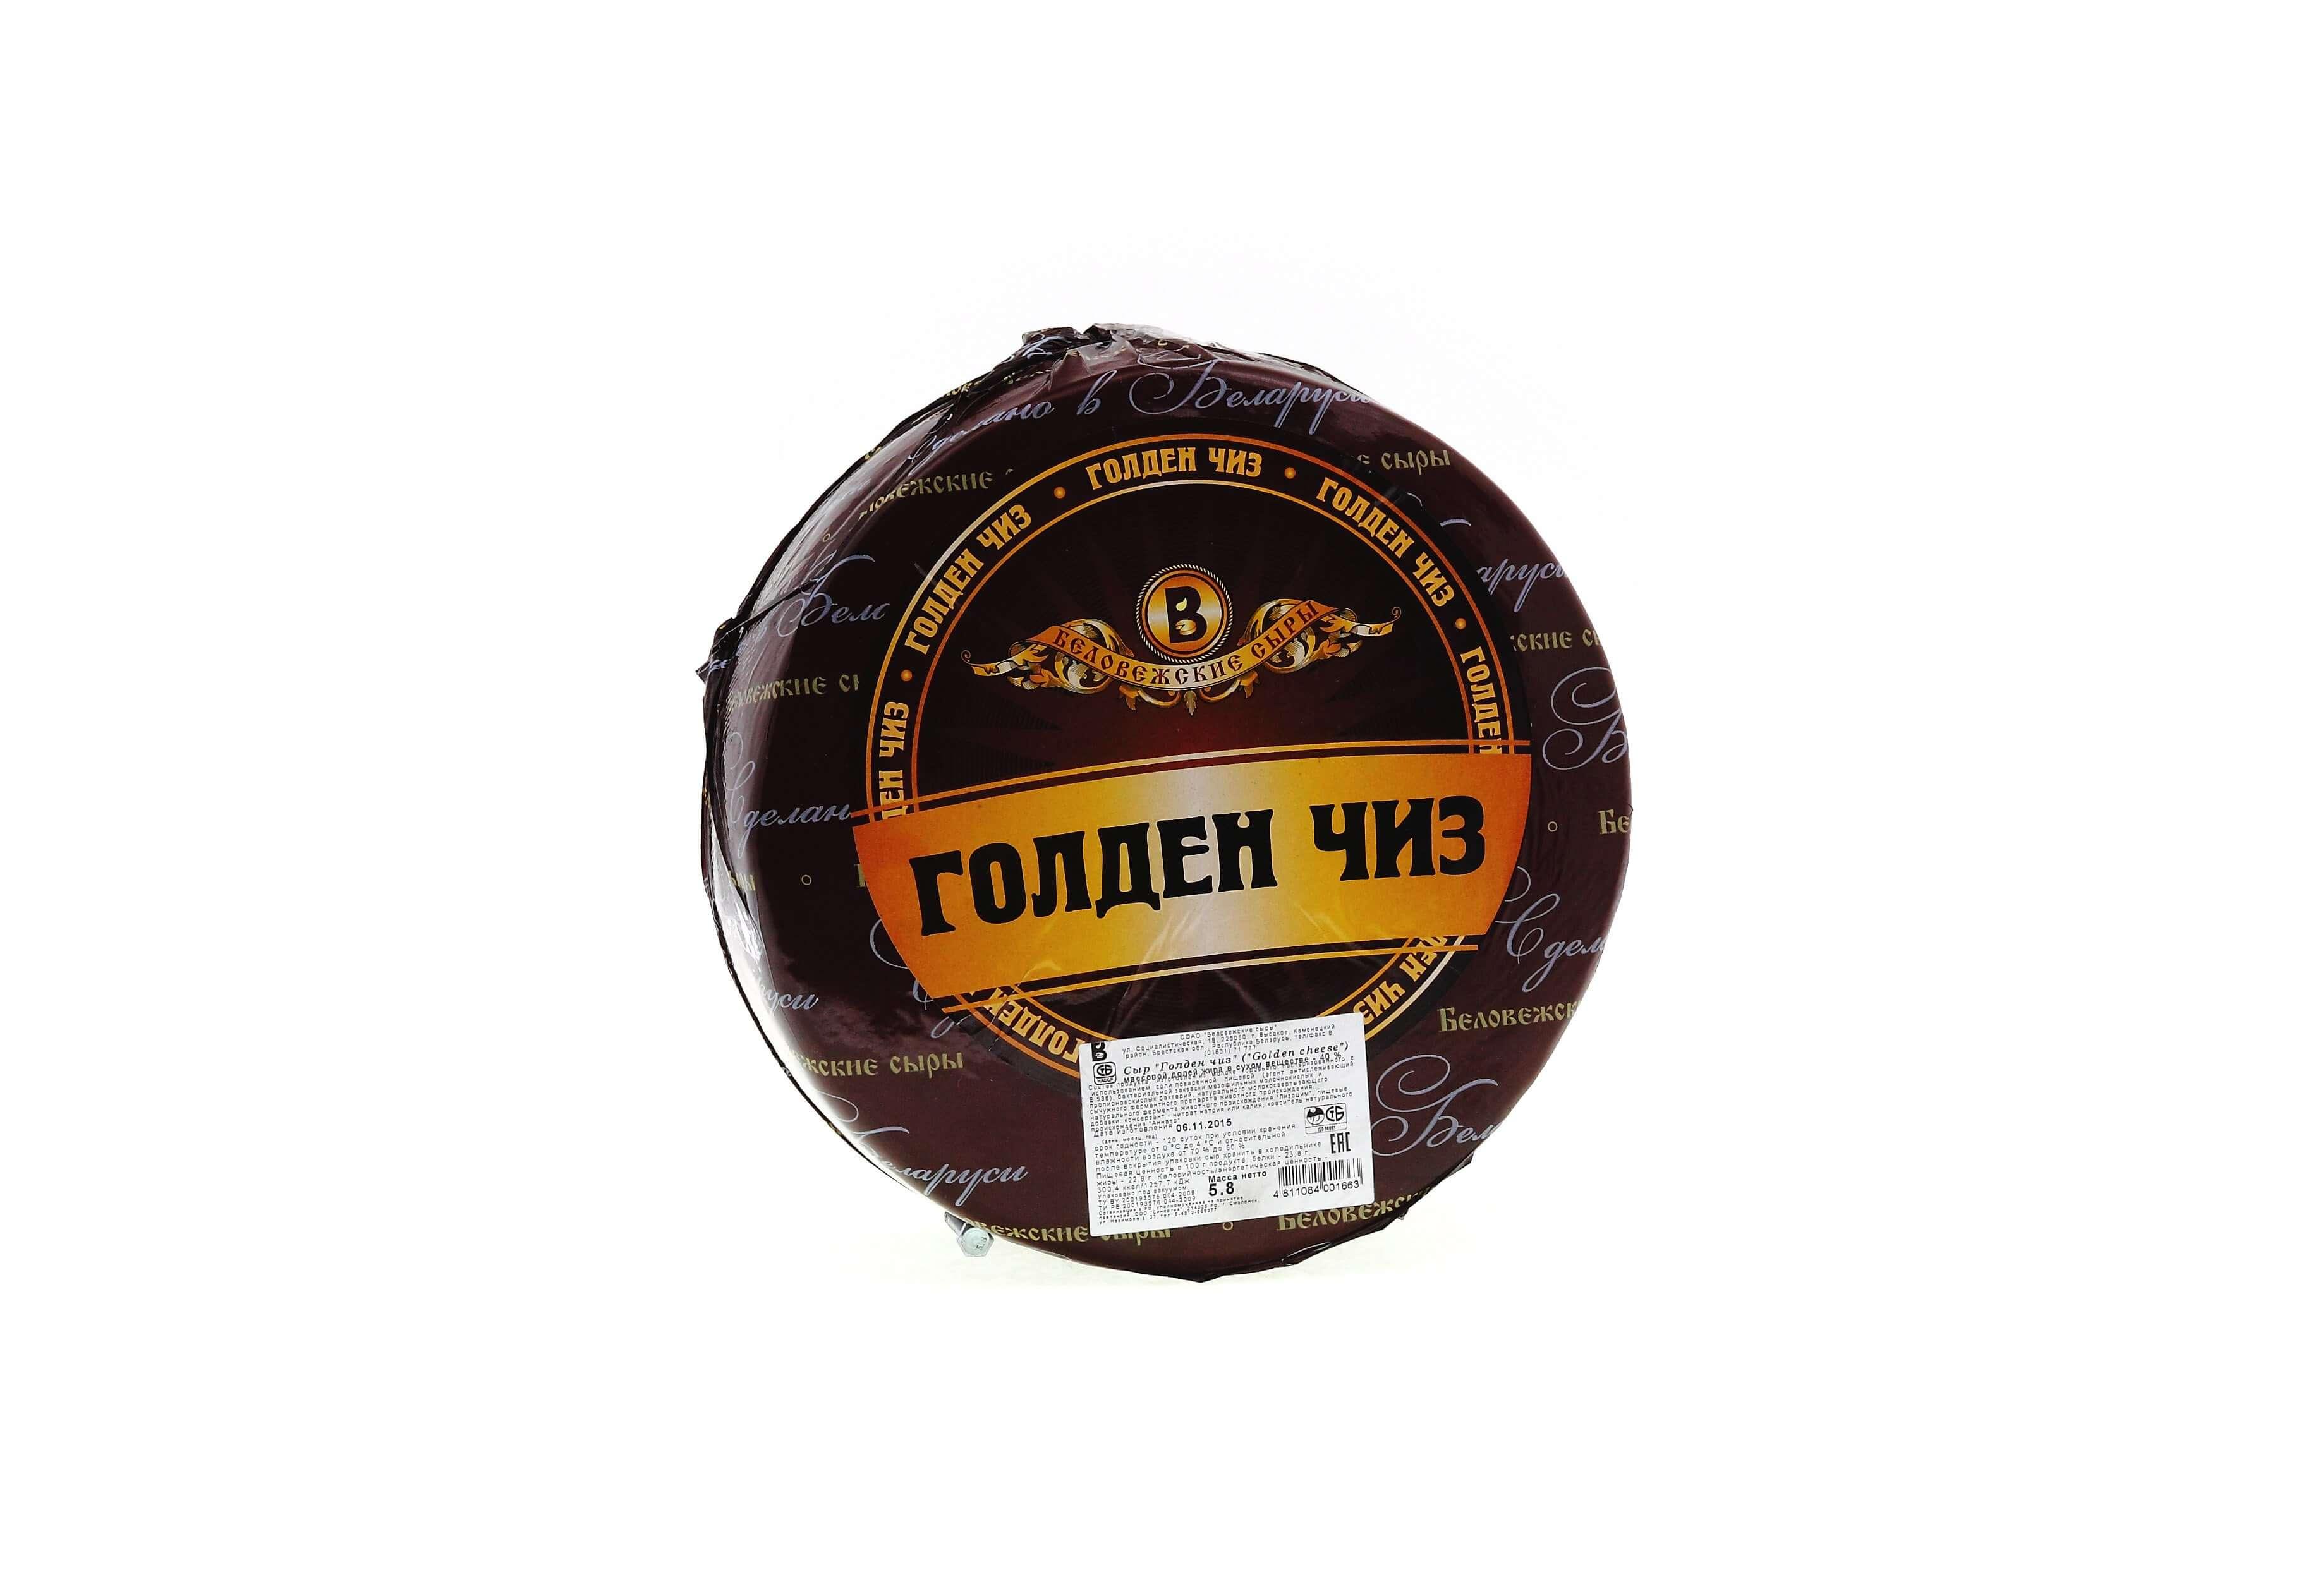 Голден чиз (Беловежские сыры) круг